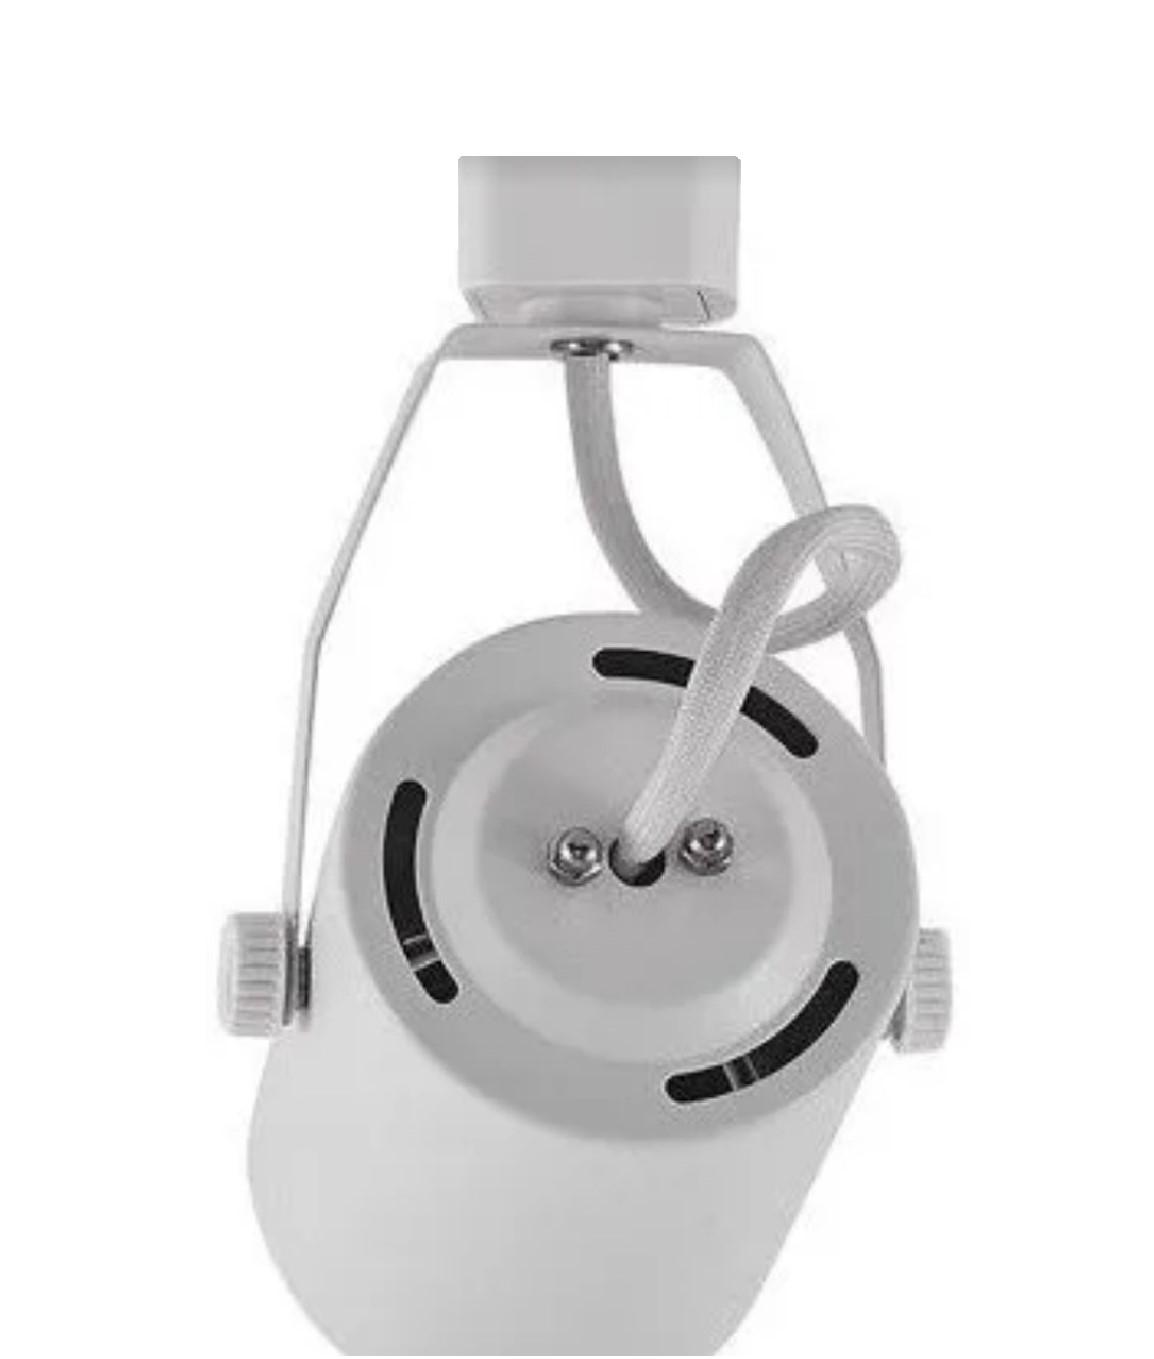 Kit Trilho Eletrificado 1,5m Branco Lille Nordecor + 4 Spot Par20 + Lâmp. Led Luz Quente